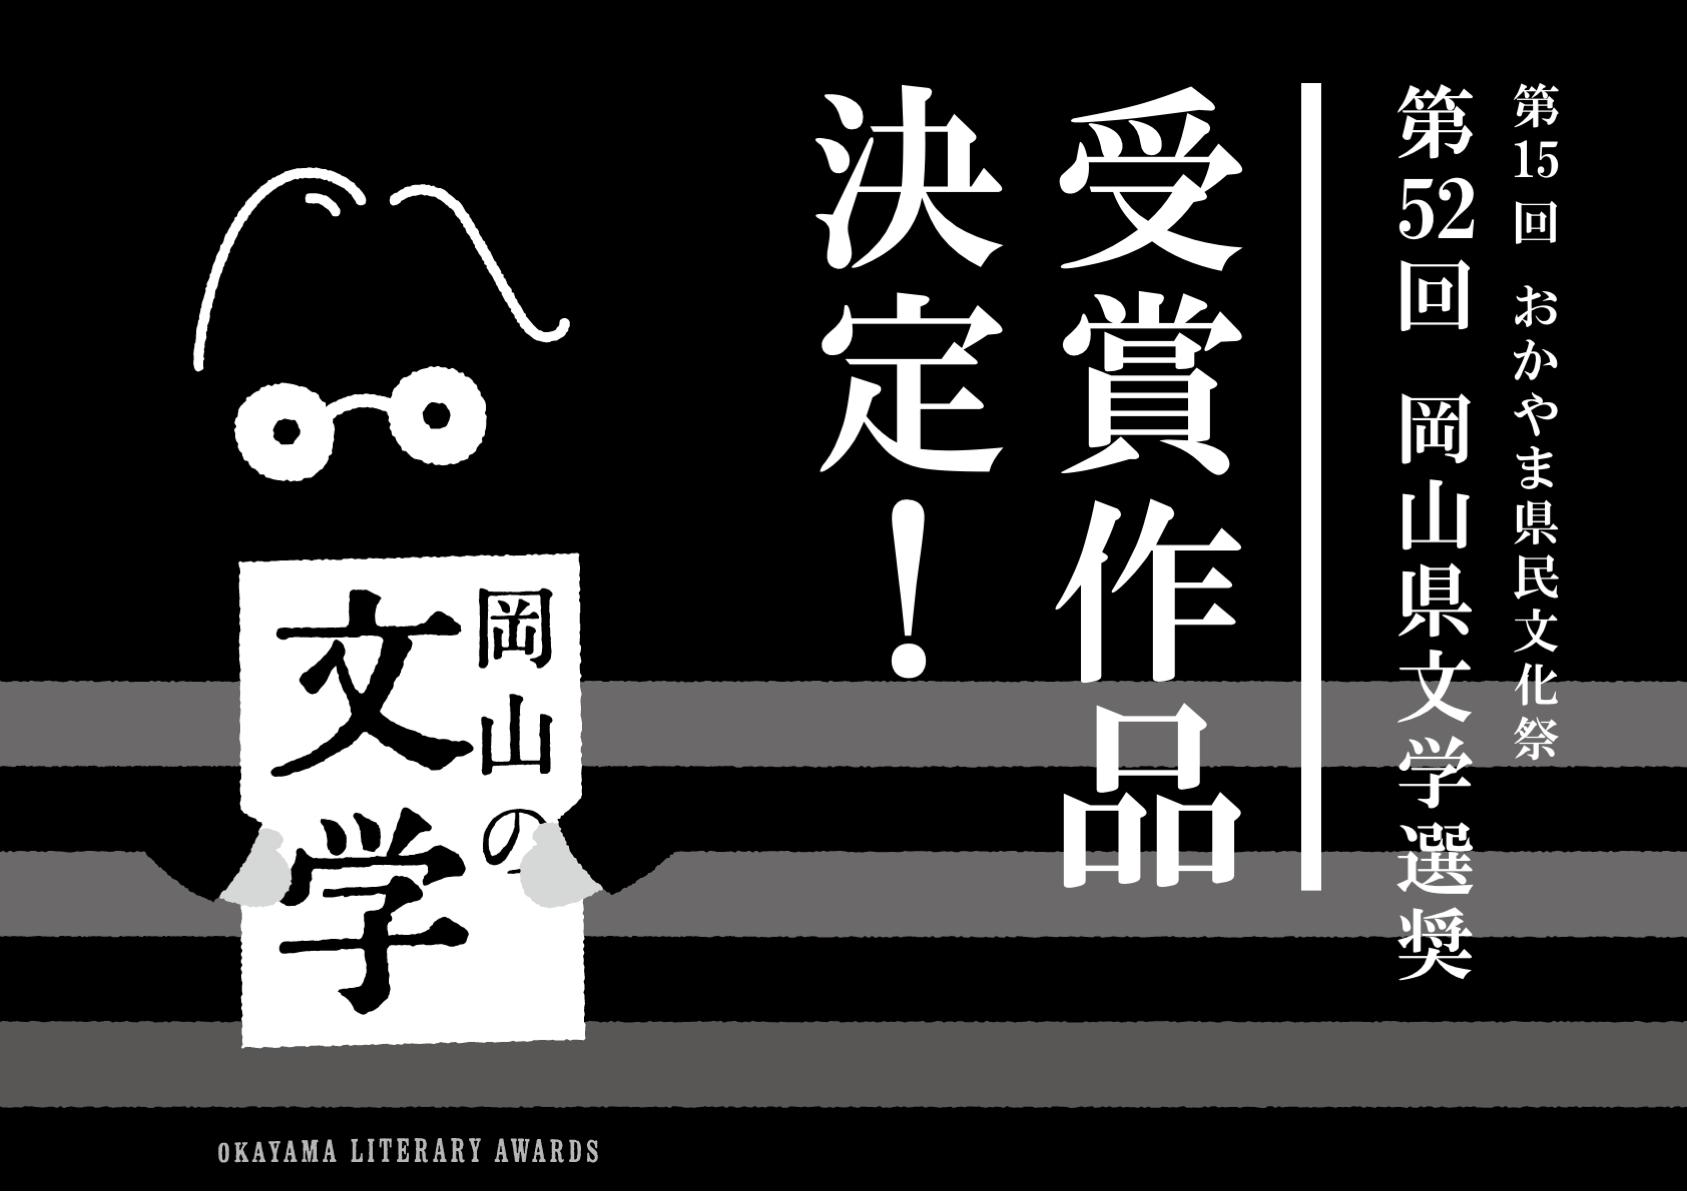 第52回岡山県文学選奨受賞作品決定!